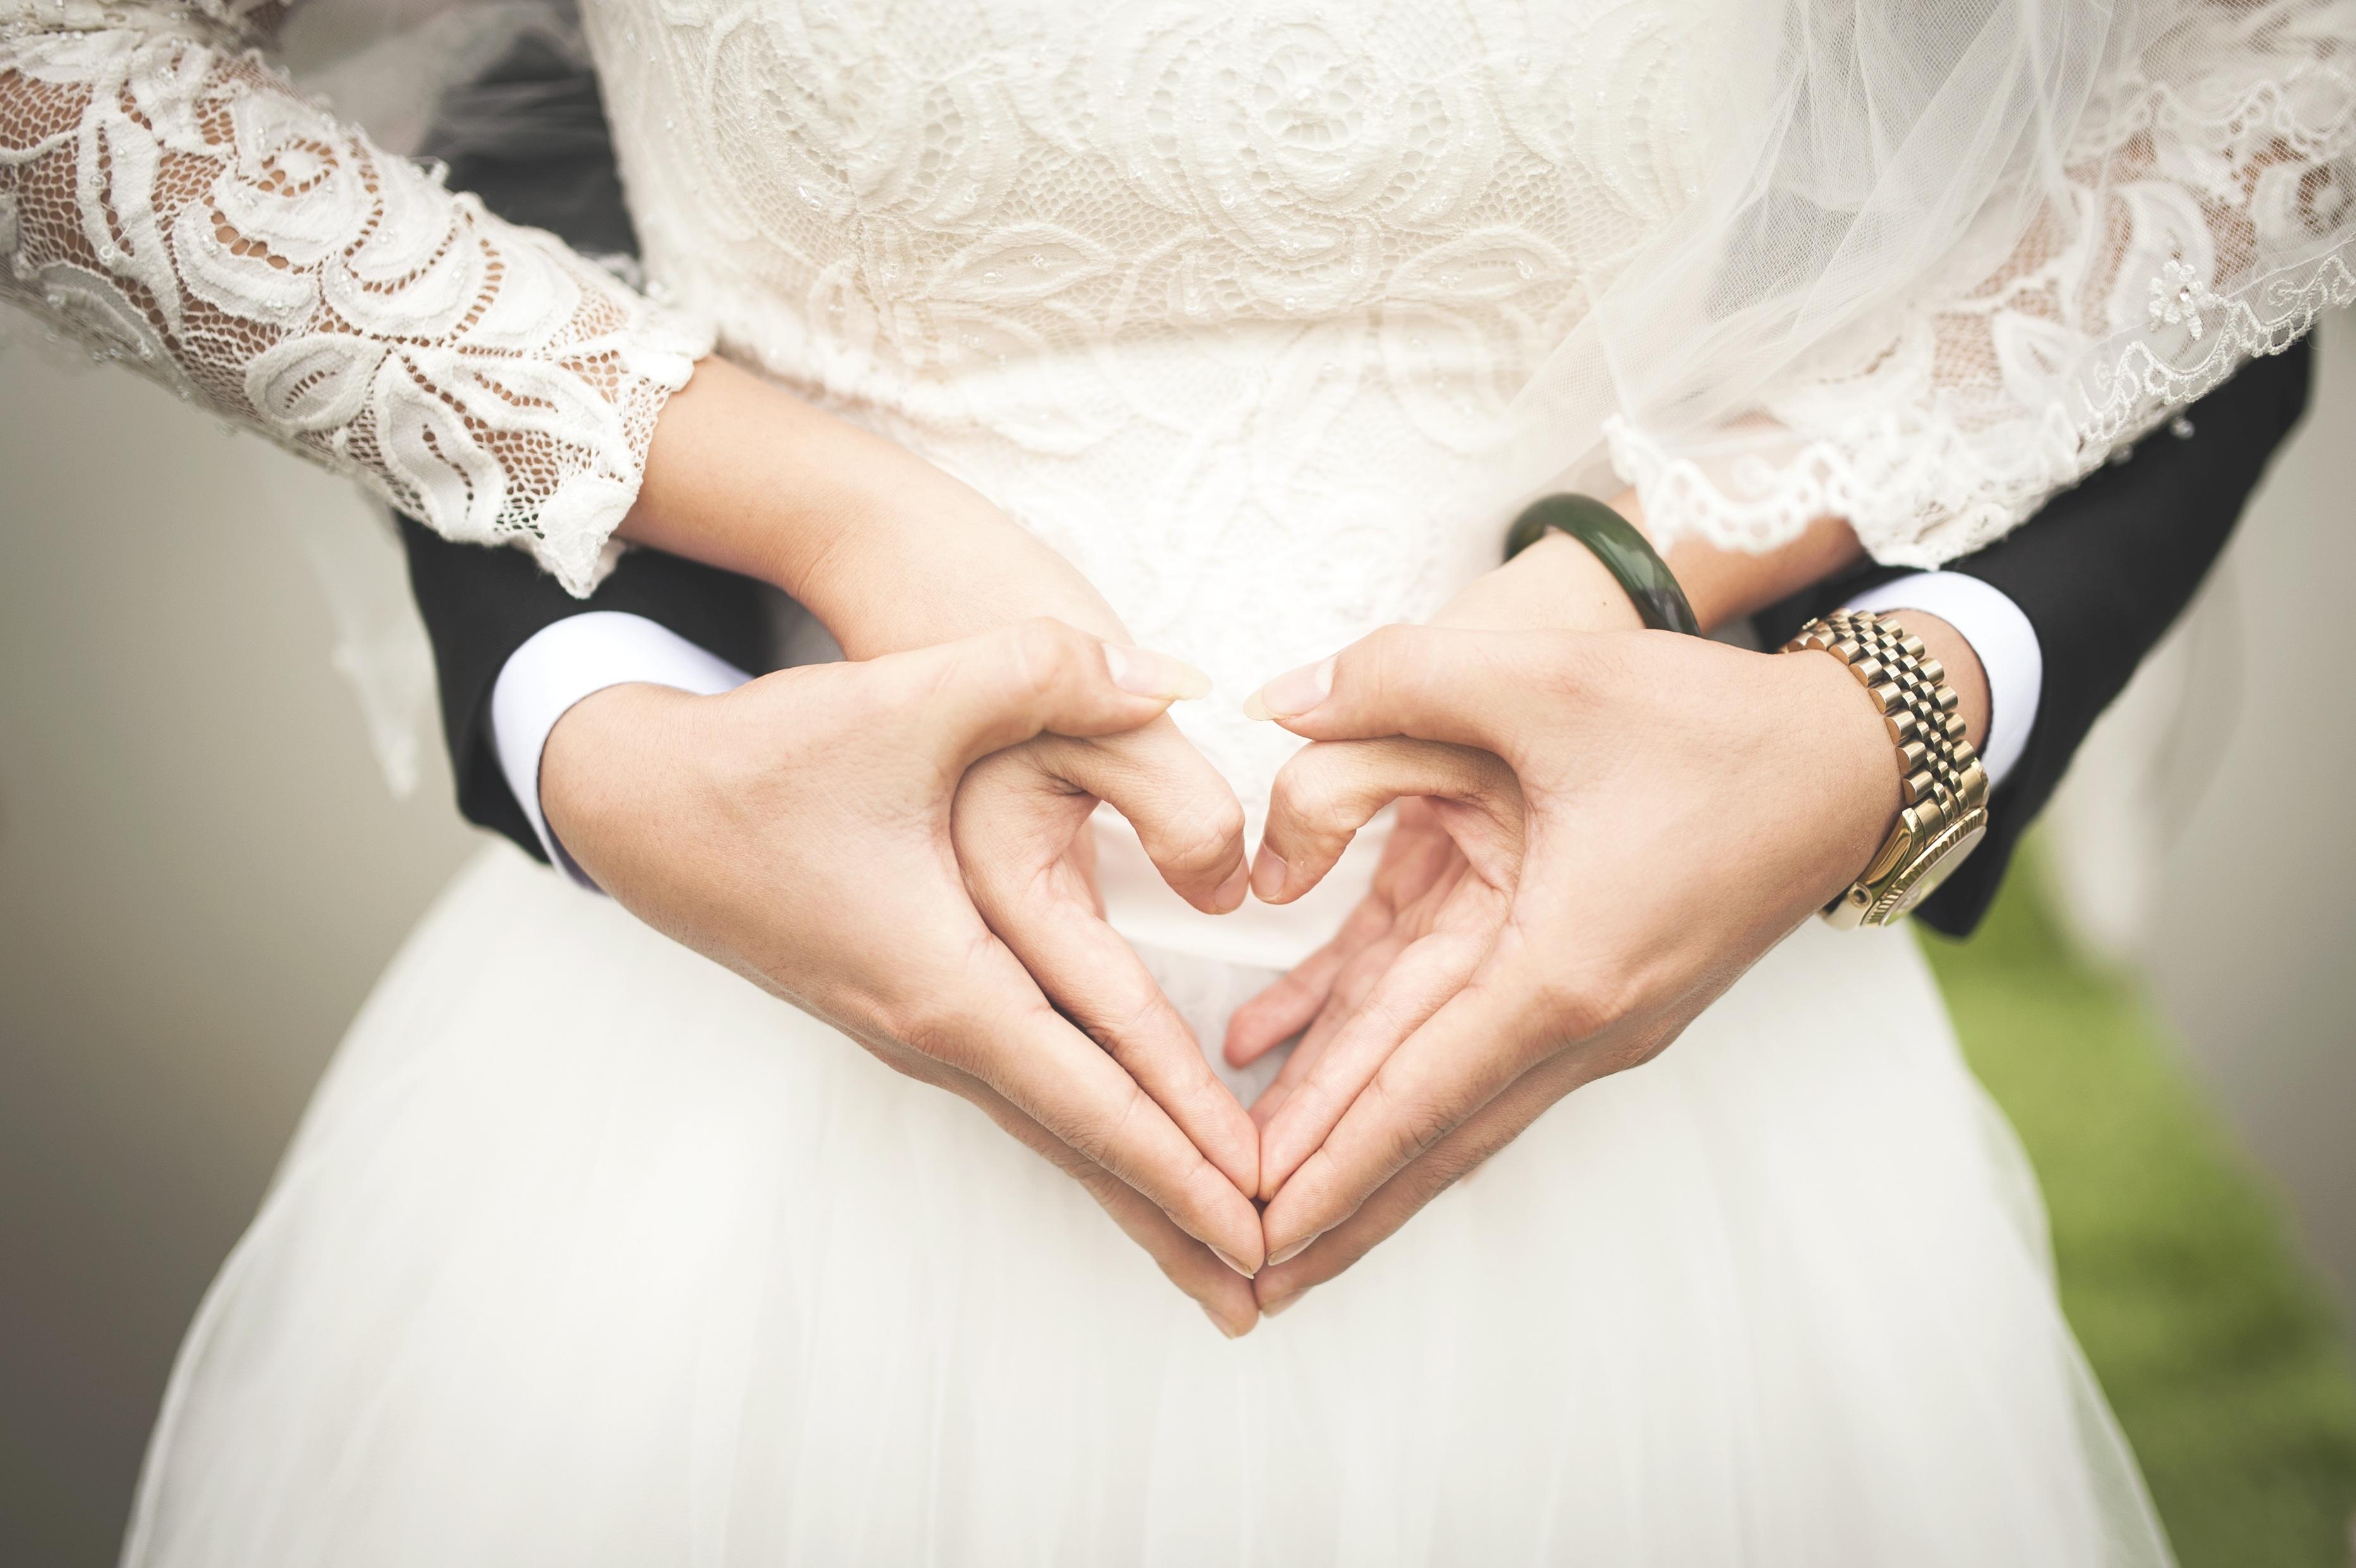 semnificatie aniversarea nuntii - sfatulparintilor.ro - pixabay-com - heart-529607